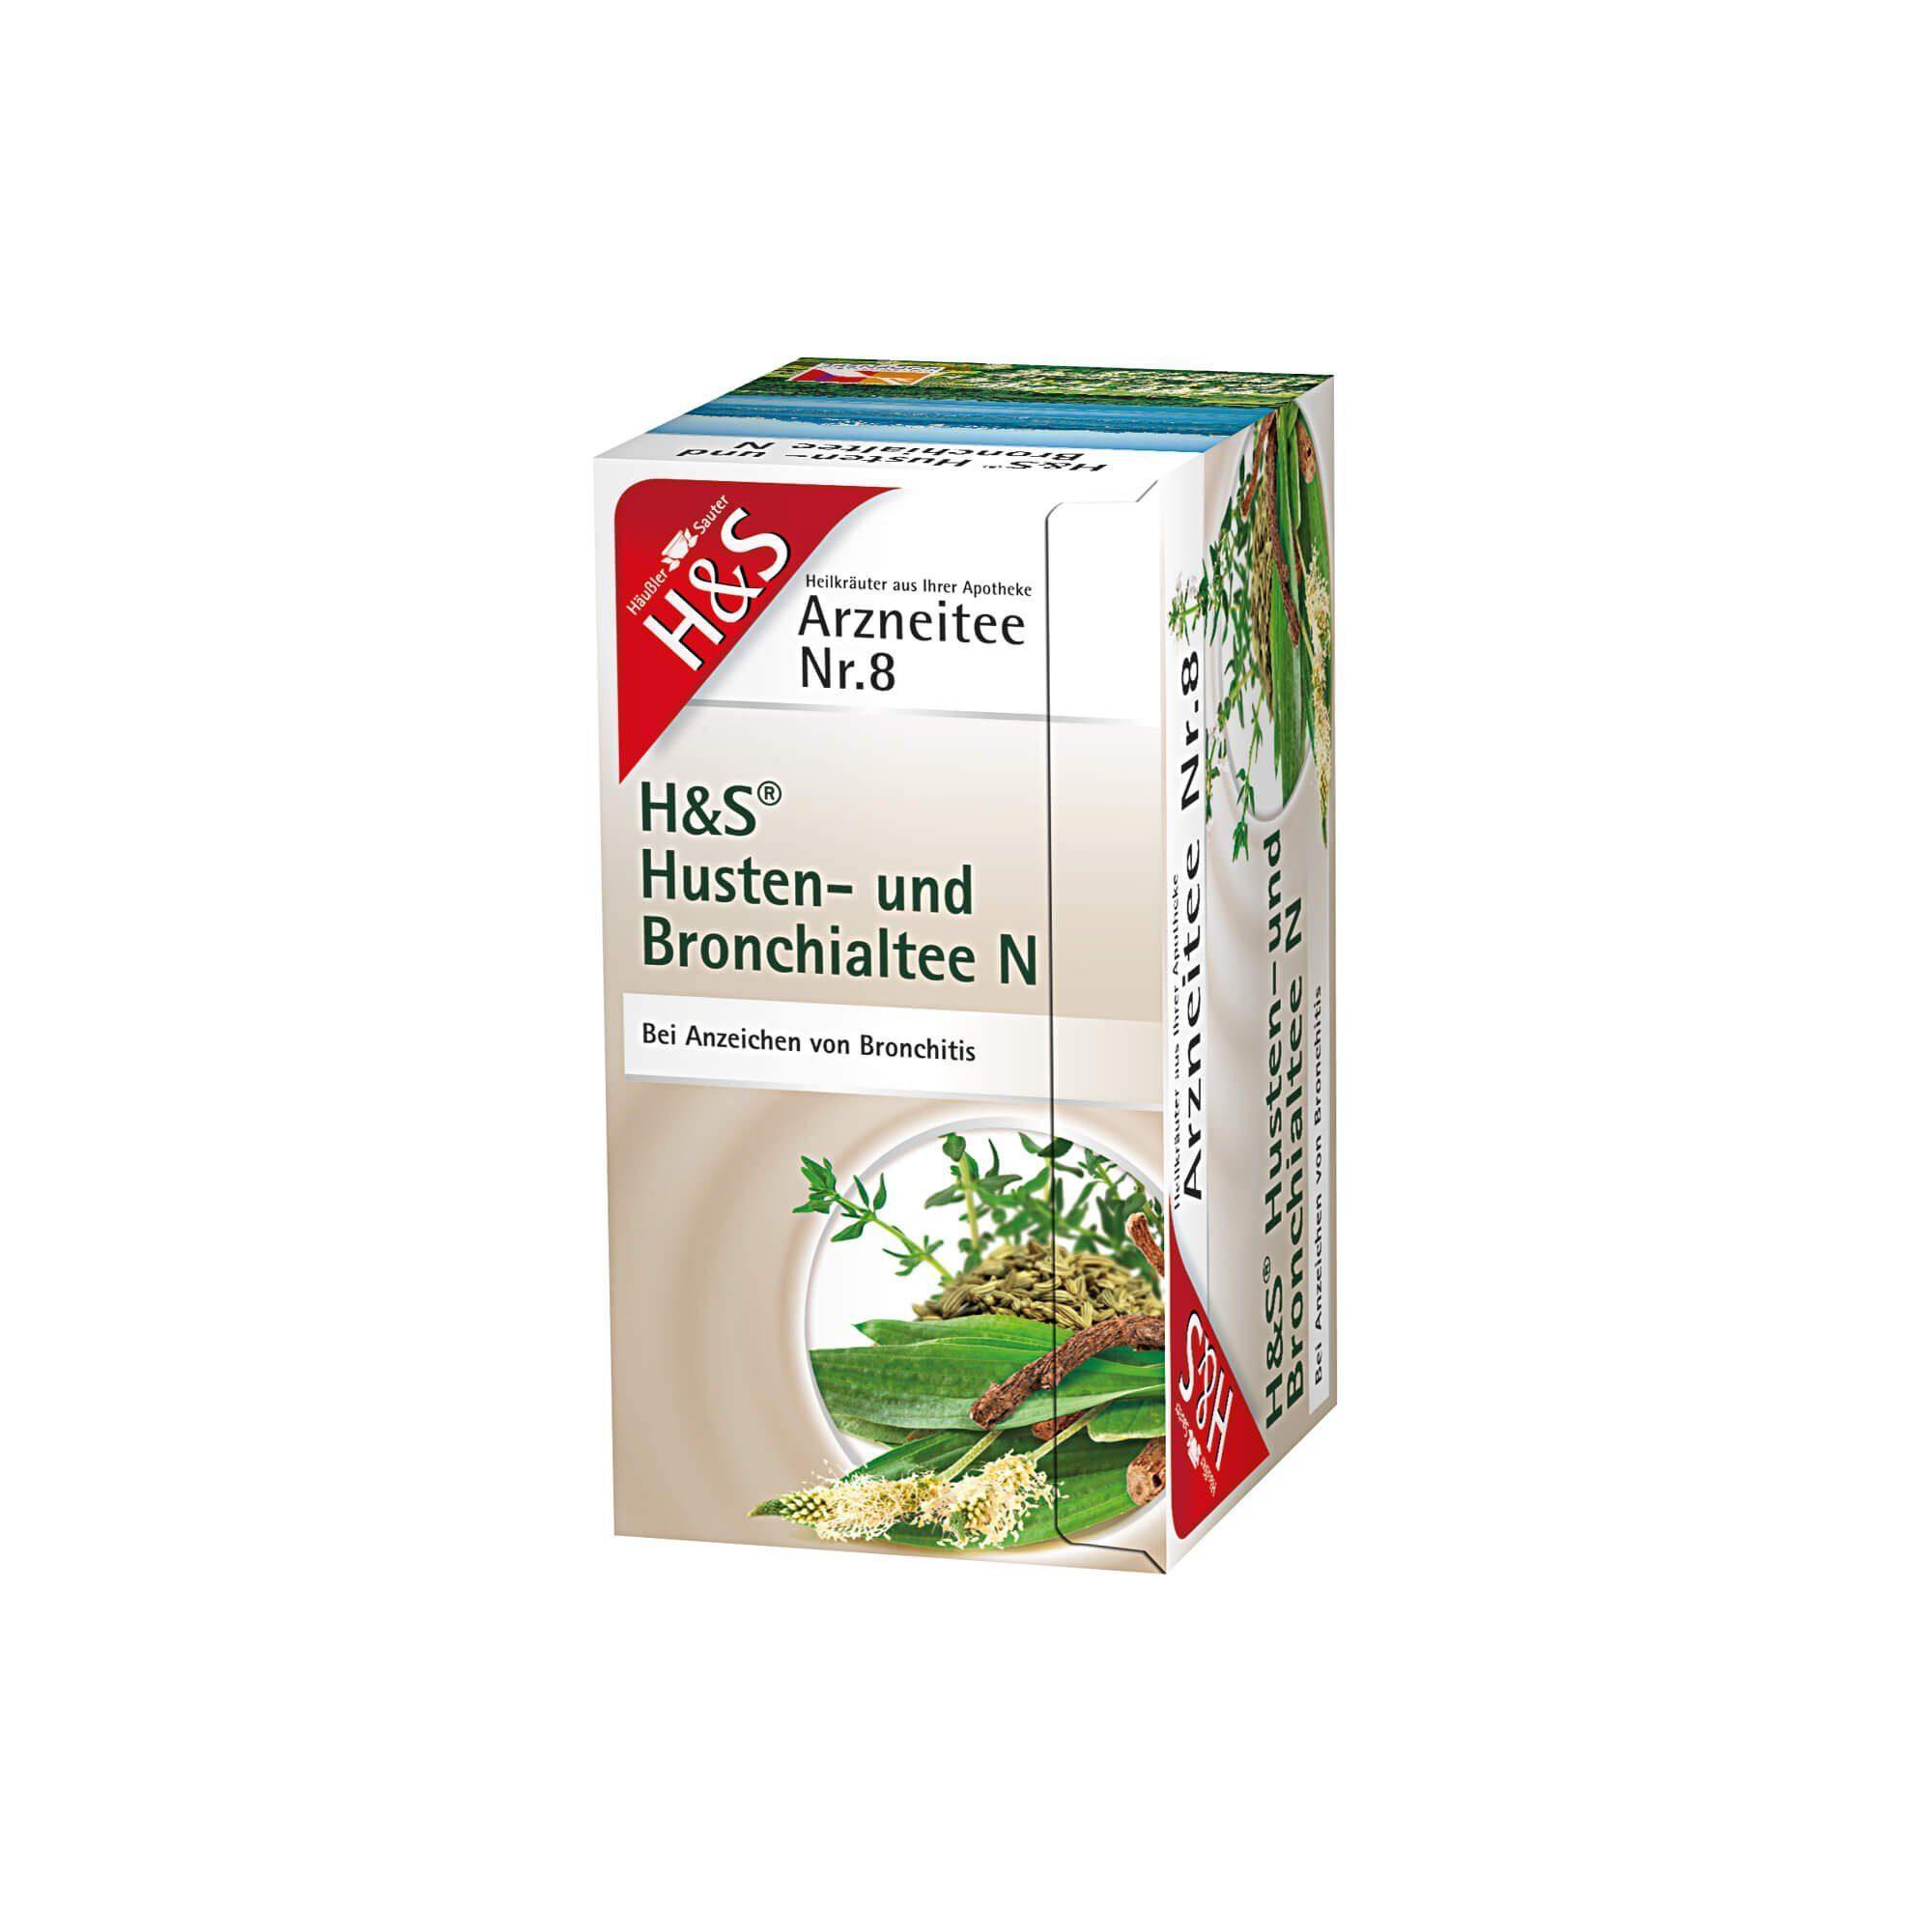 H&S Husten- und Bronchialtee N , 20 St